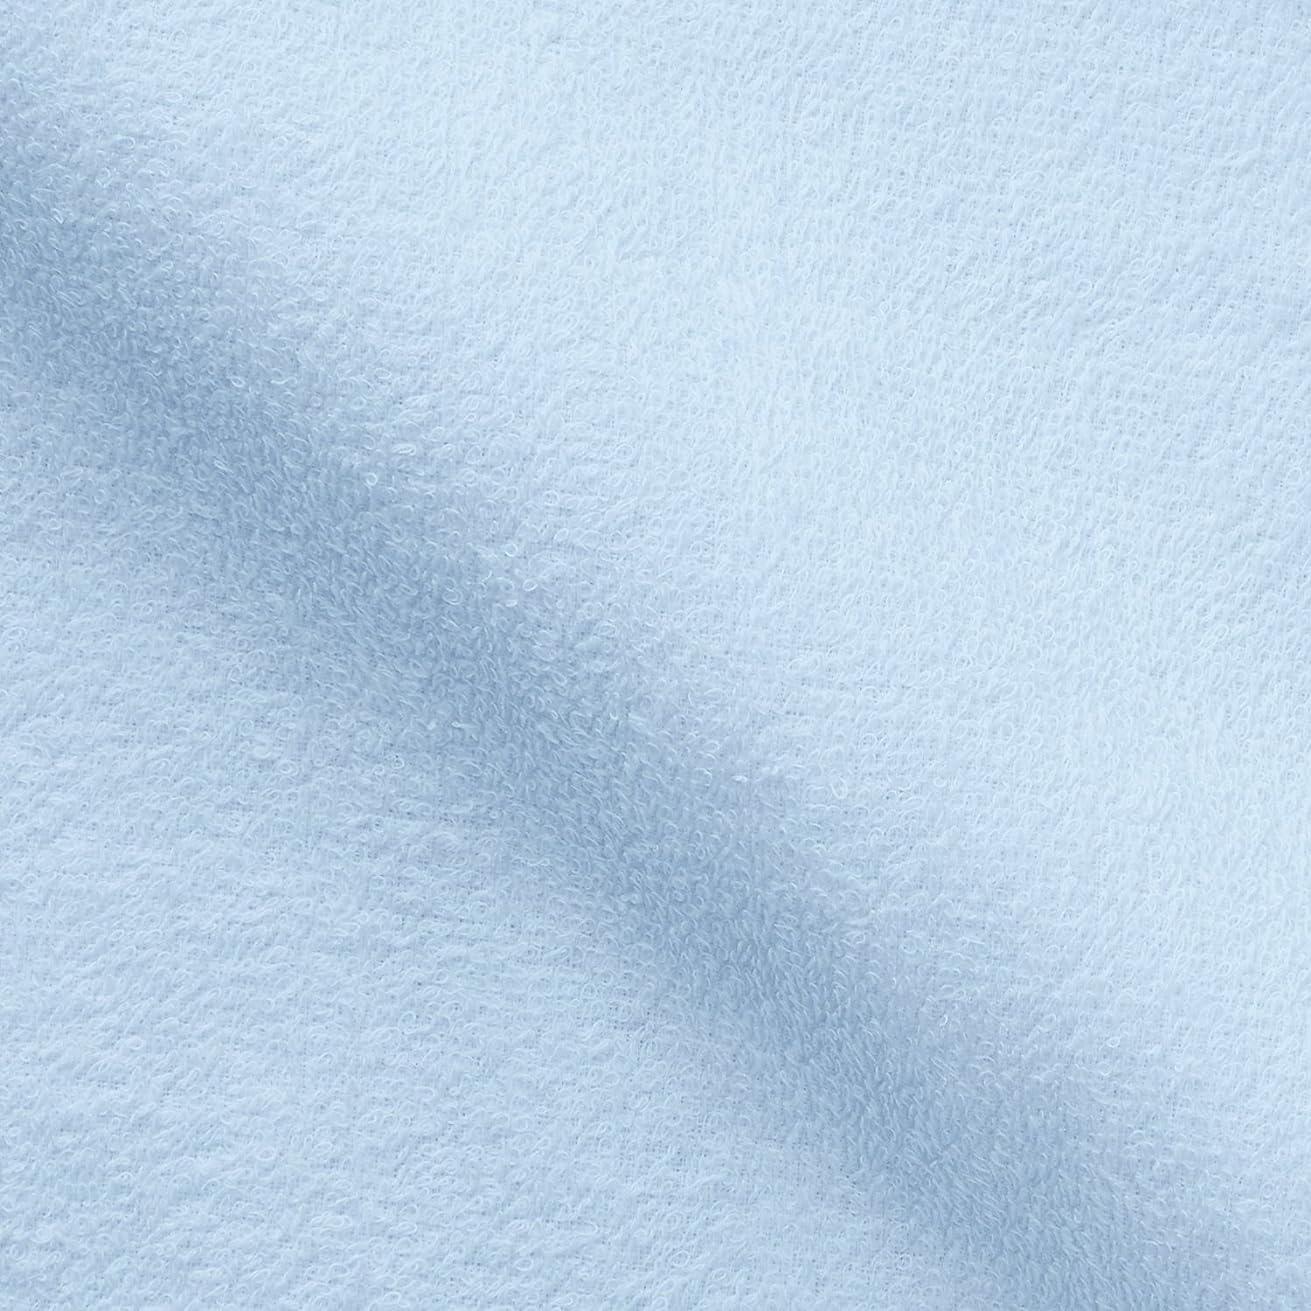 マーガレットミッチェル大使つぶすキヨタ 抗菌介護タオル(フェイスタオル12枚入) ブルー 34×84cm